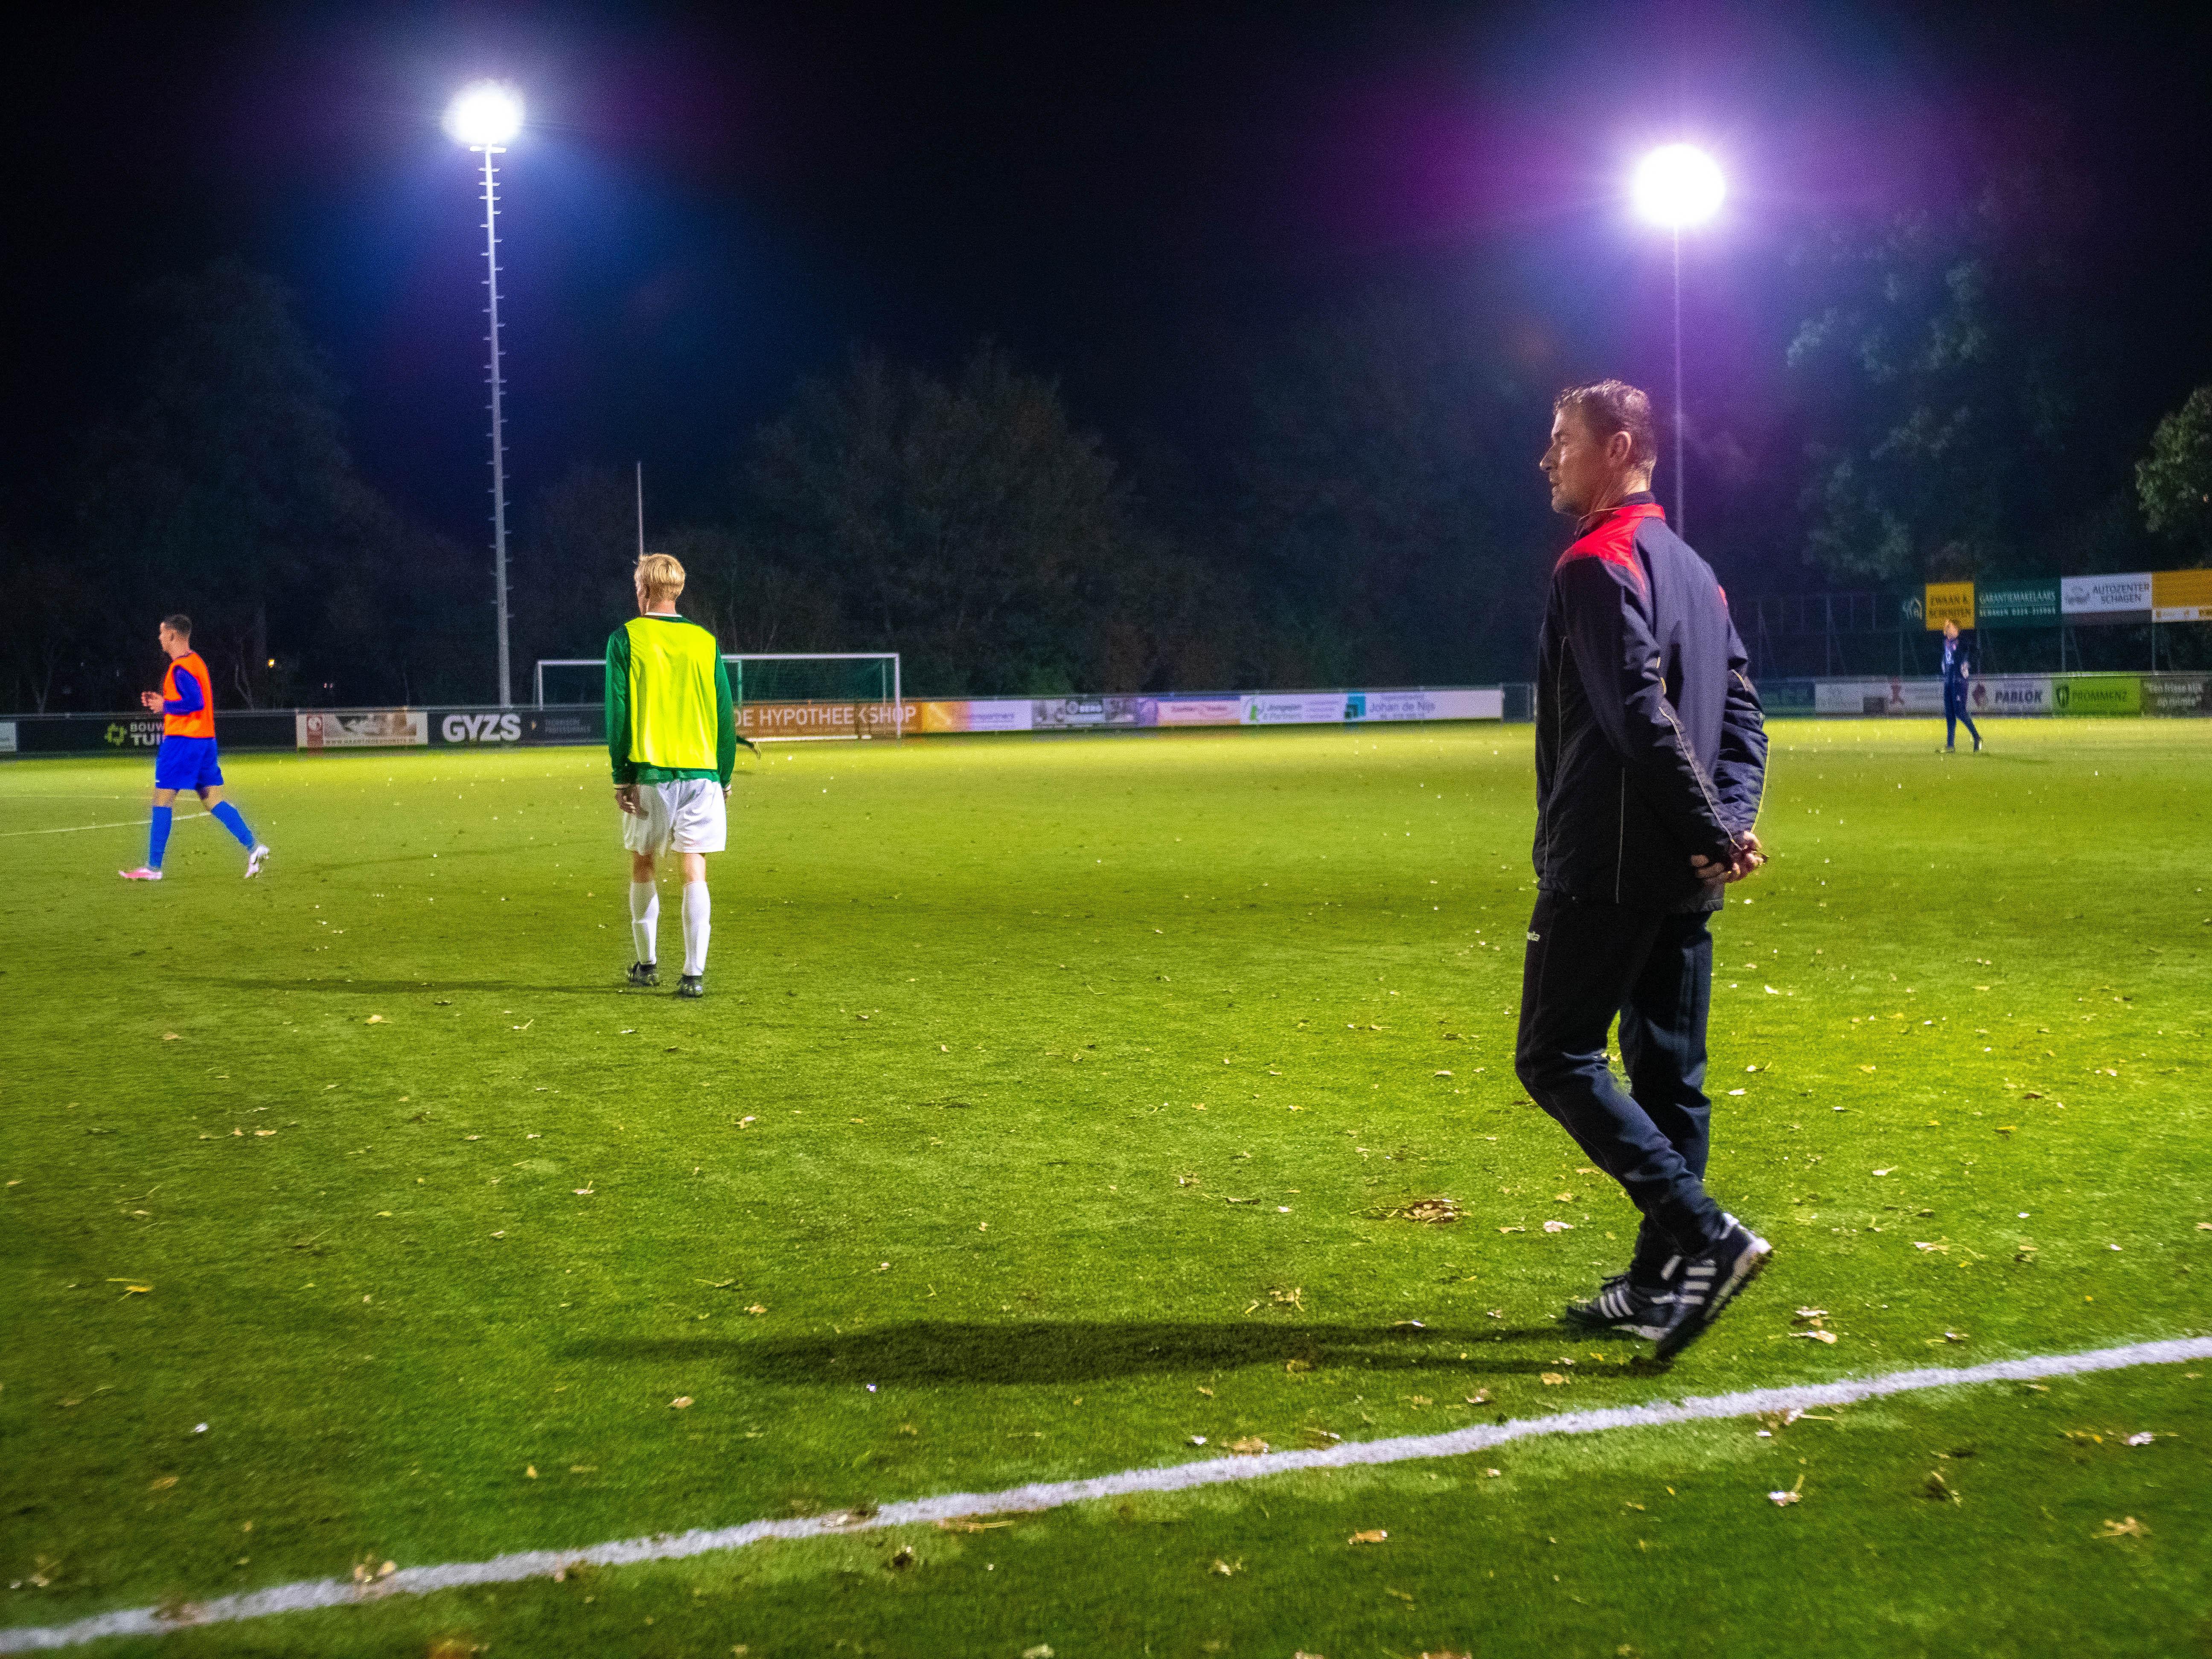 Martijn Gootjes uit nieuwsgierigheid trainer bij Schagen United: 'Dat kan over aantal jaren toonaangevend in regio zijn'